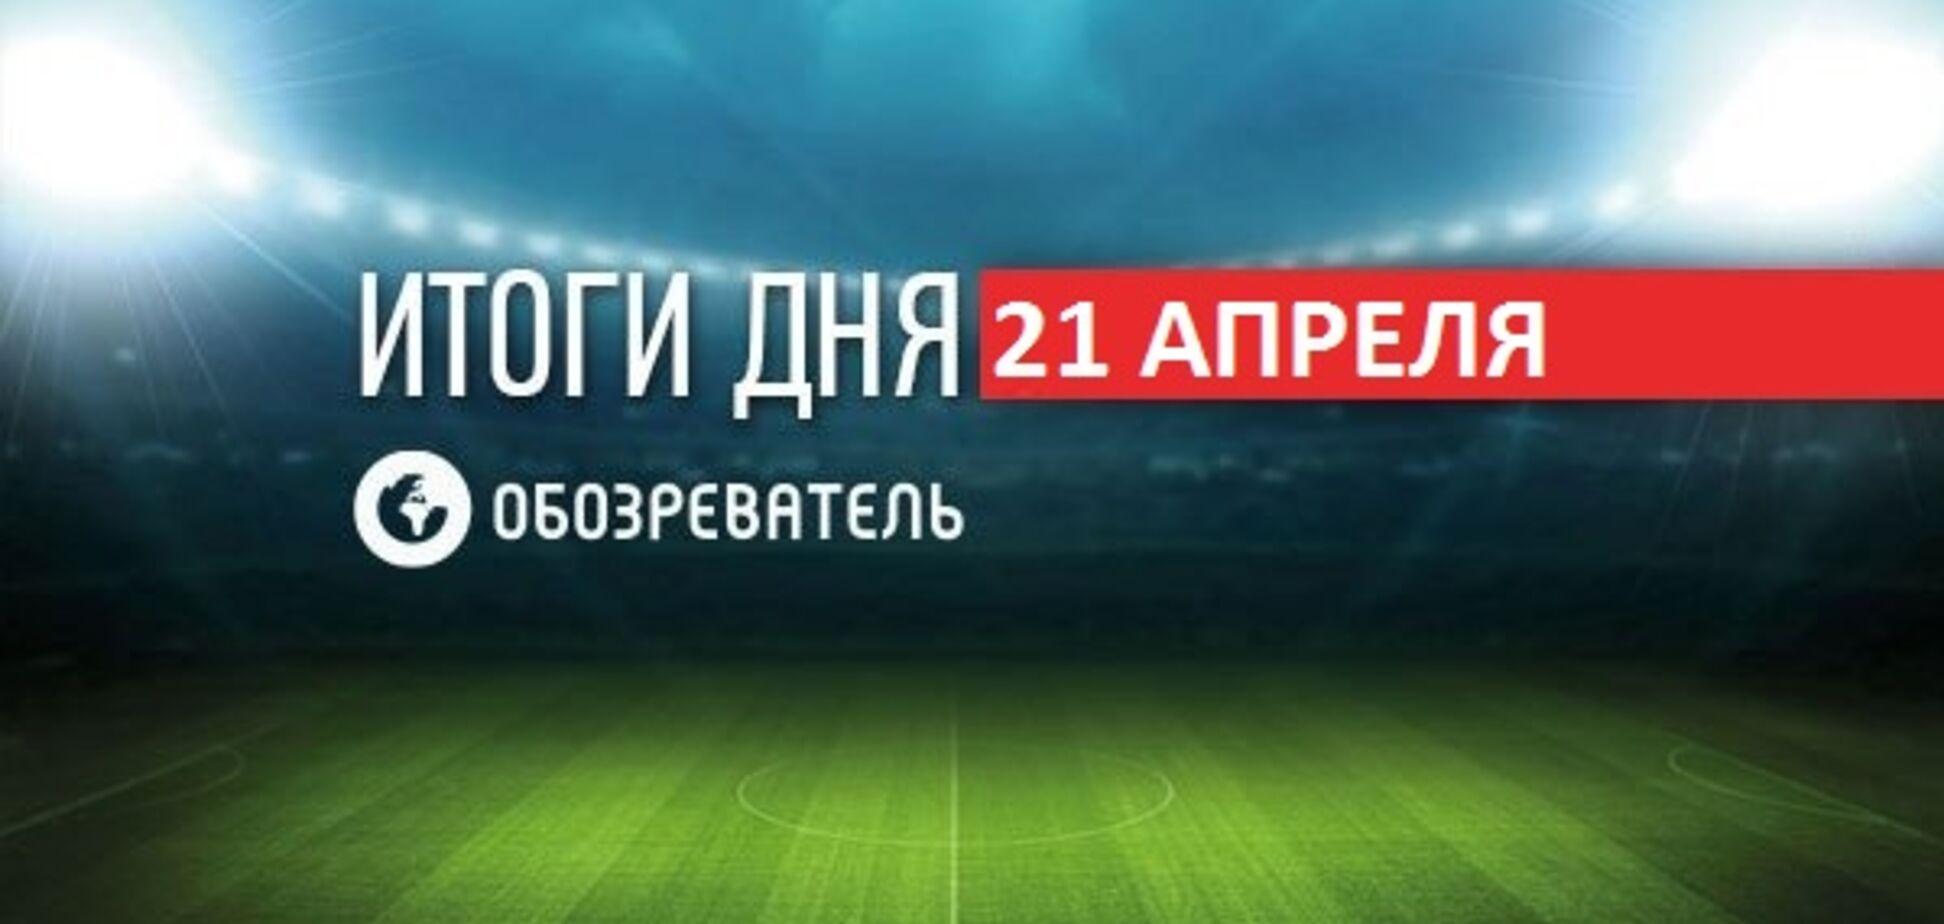 Соловьева затравили за 'Динамо' и Майдан: спортивные итоги 21 апреля